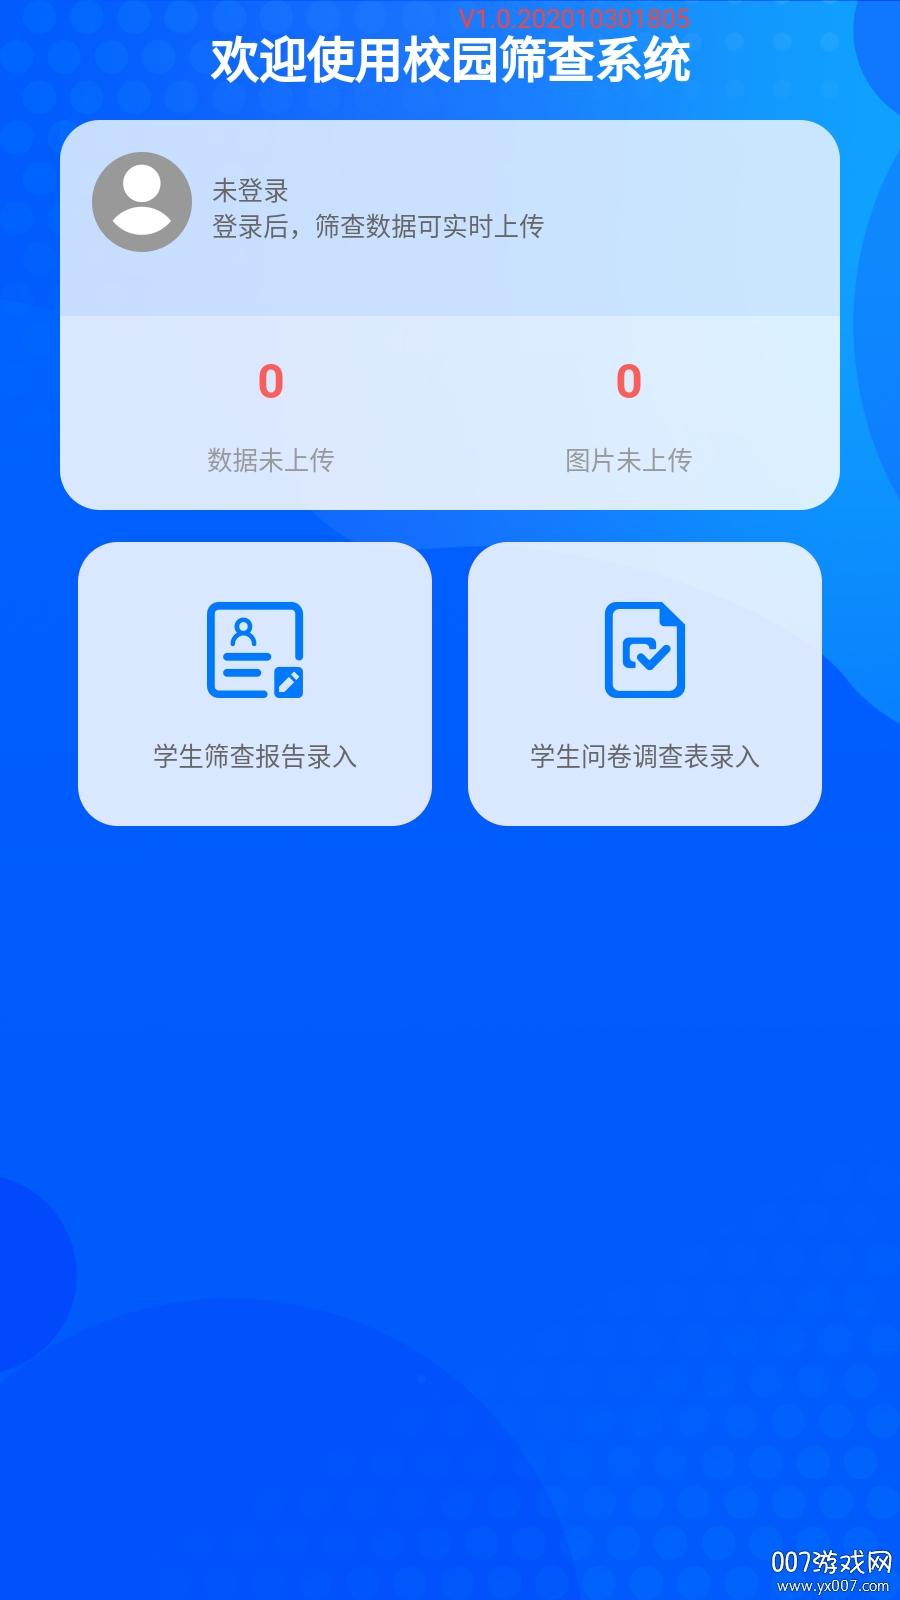 校园筛查系统最新版v1.0.202010301805 免费版